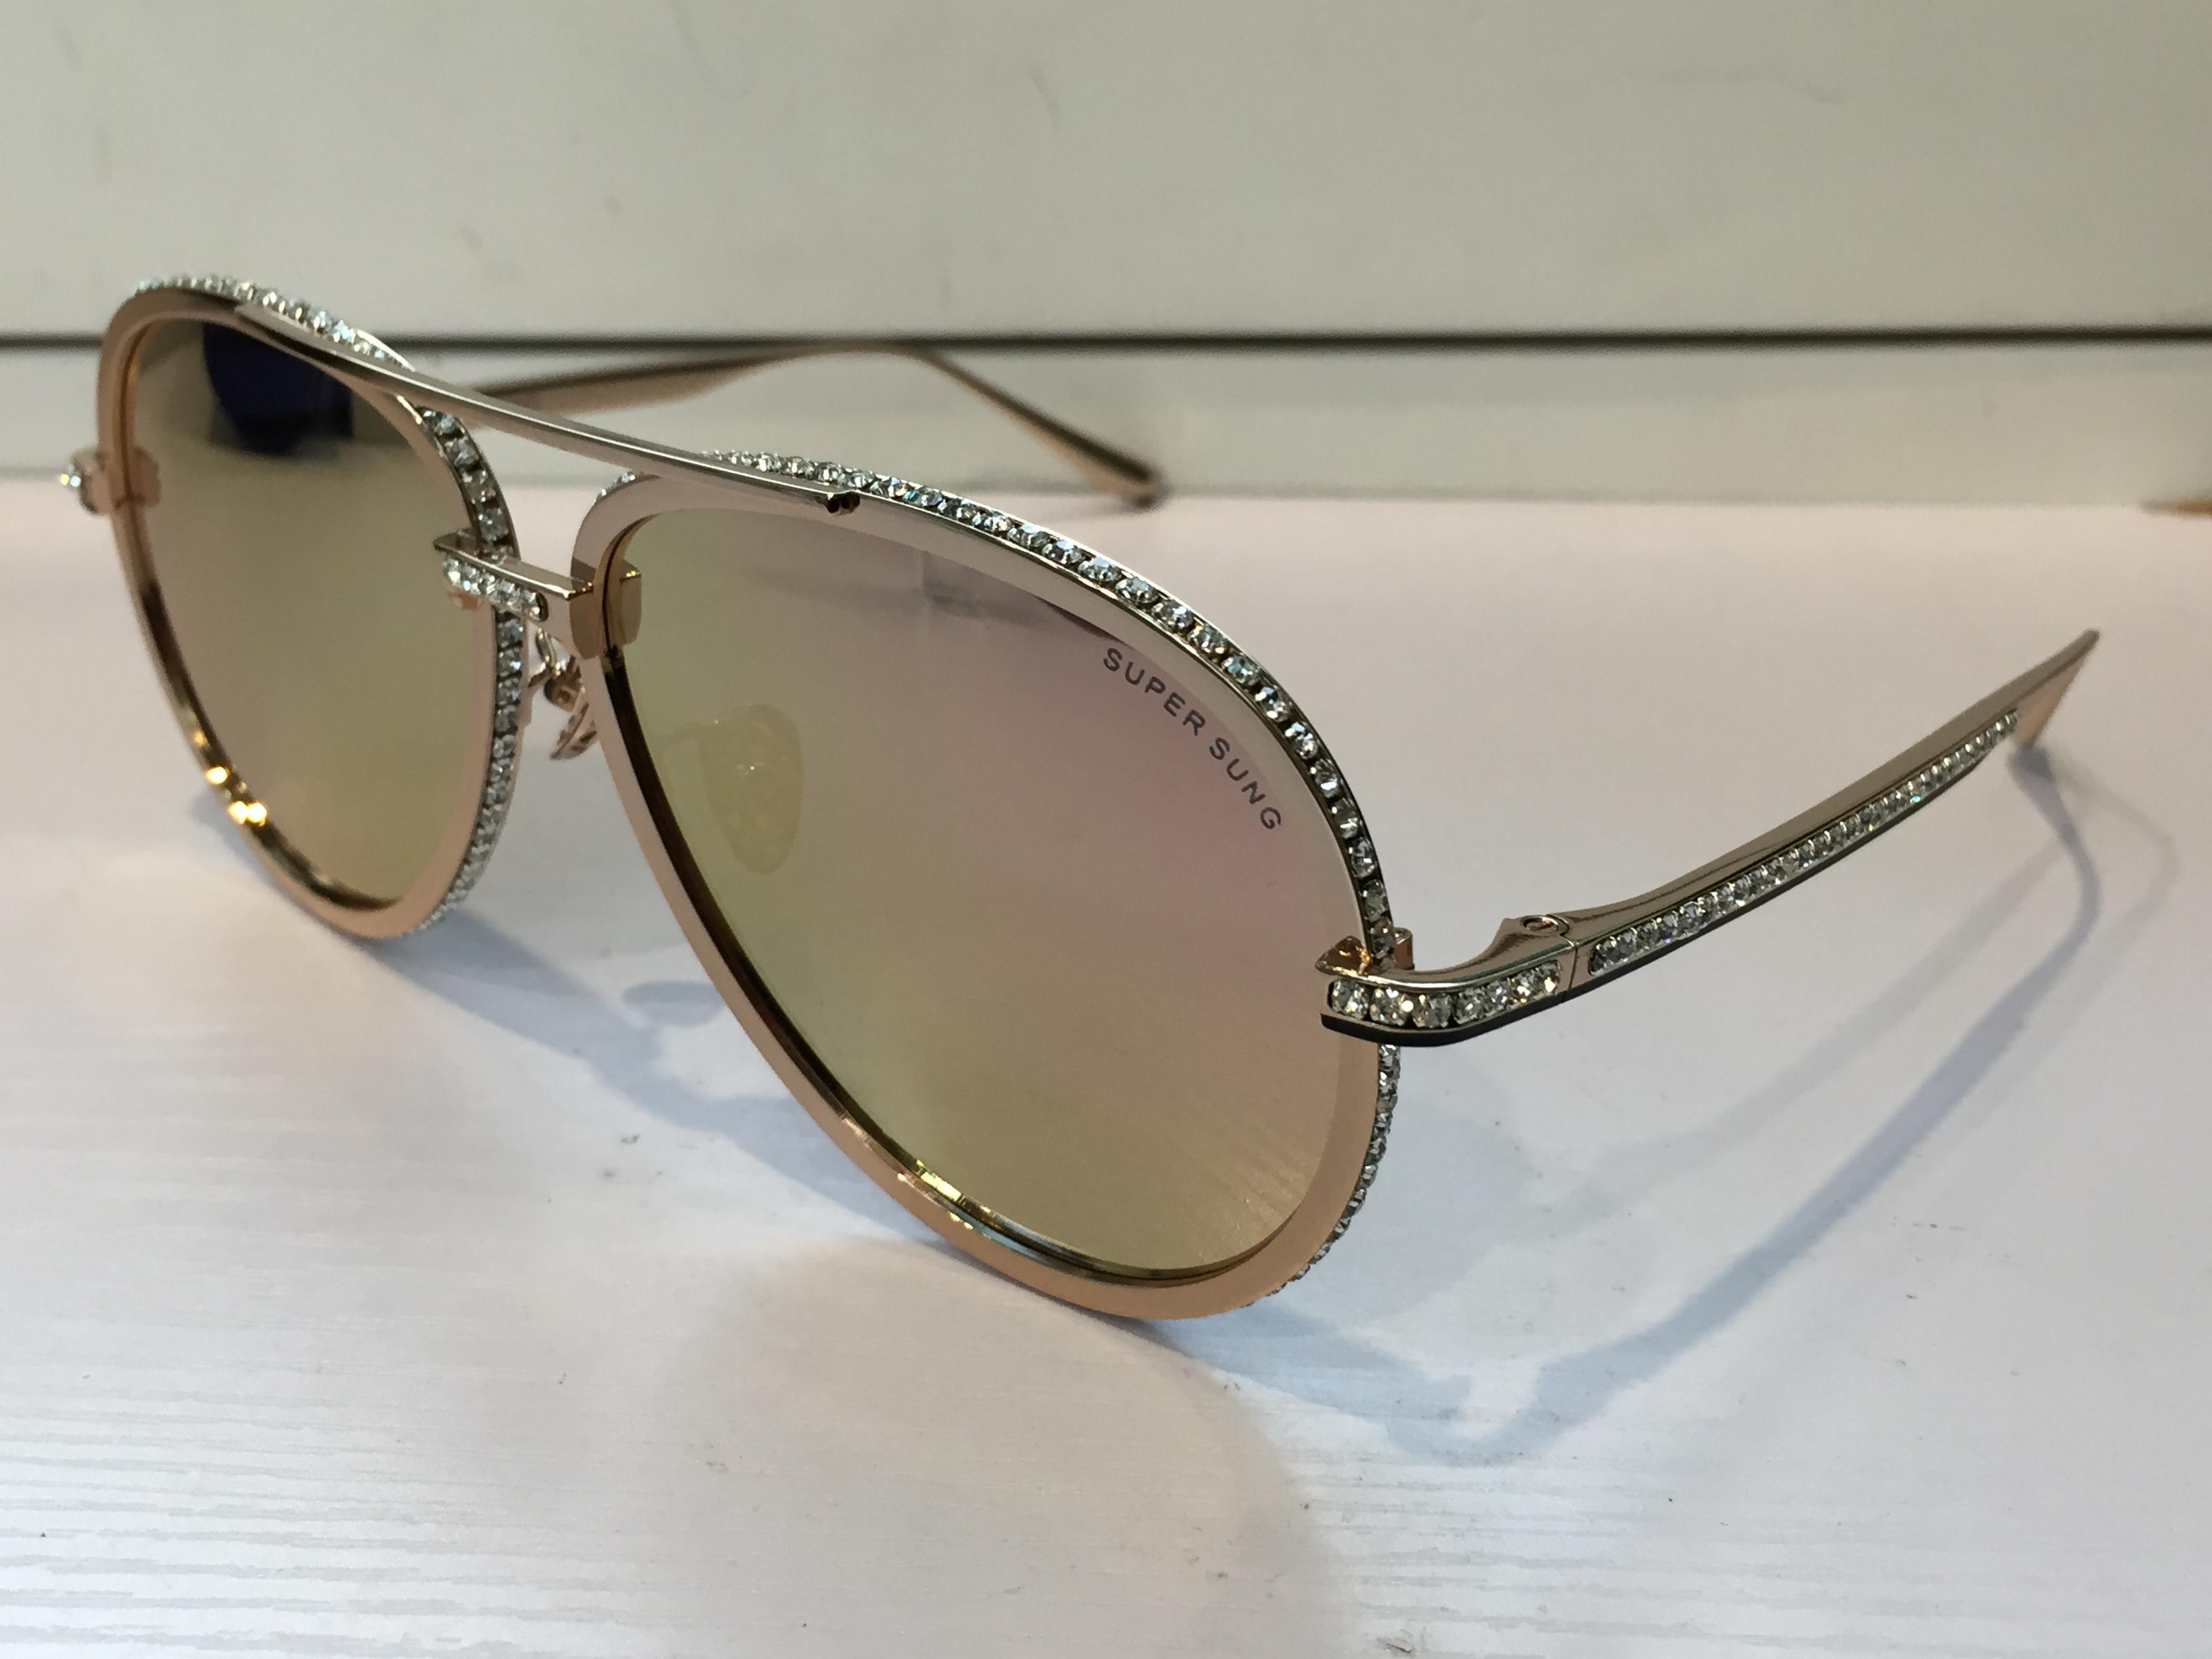 Moda de luxo óculos de sol Frete Grátis Itália SUPER SUNG óculos de sol de Alta qualidade titanium liga óculos de sol das mulheres designer de proteção uv400